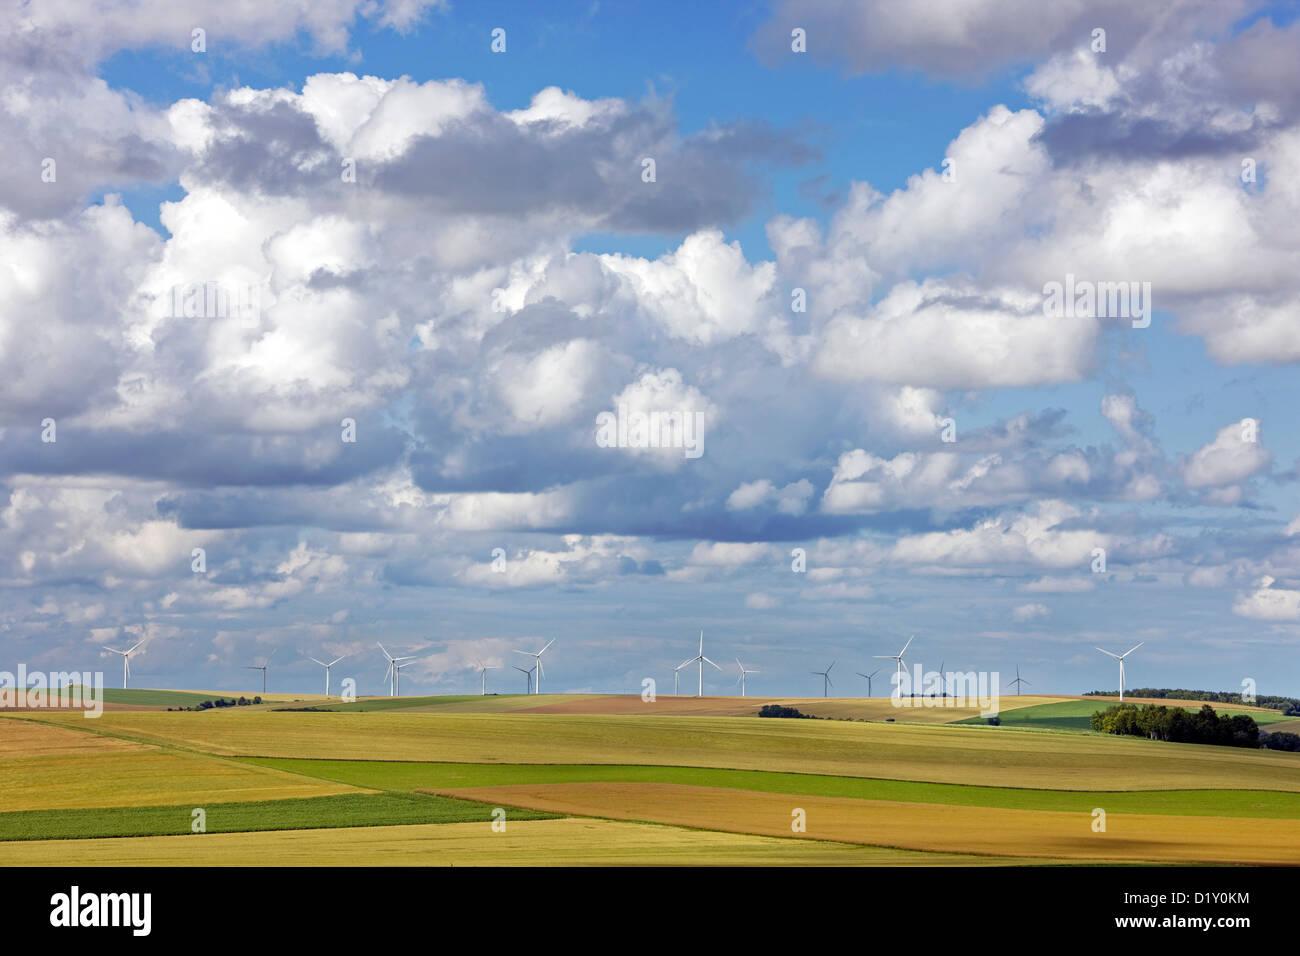 Paysage rural et les éoliennes de vent entre des champs agricoles Photo Stock